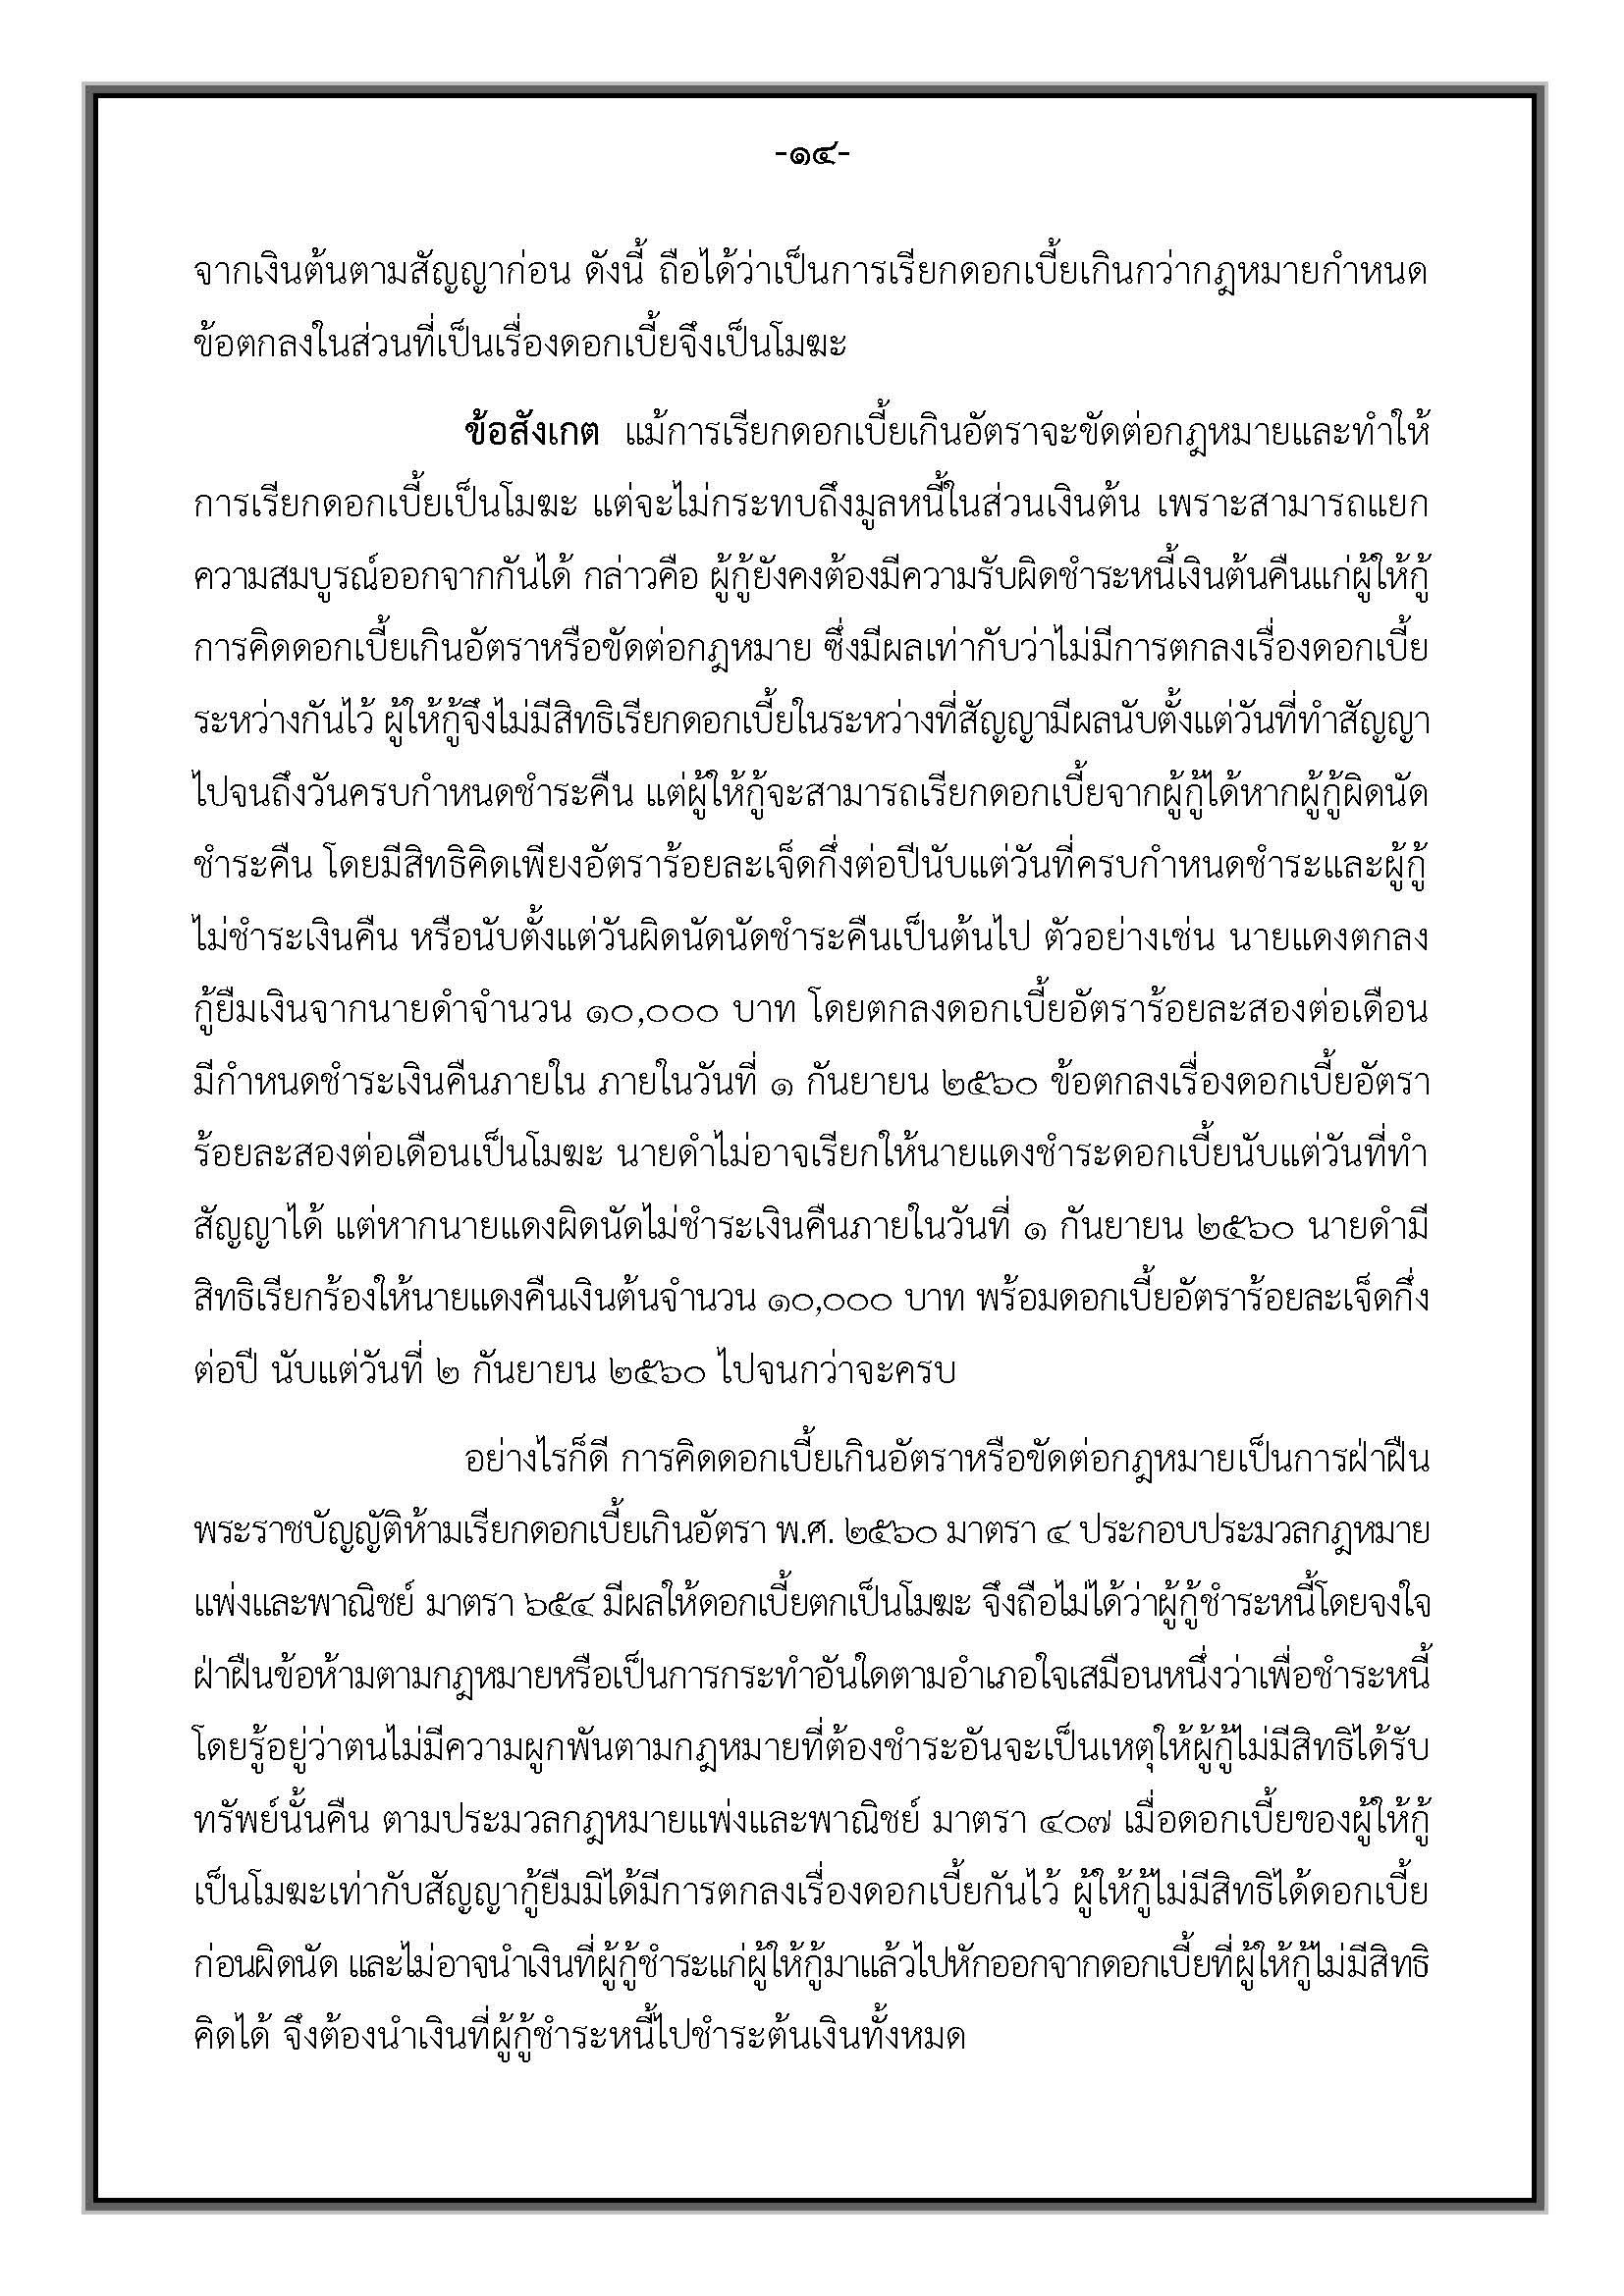 คำแนะนำ-สัญญากู้ยืมเงิน_Page_18